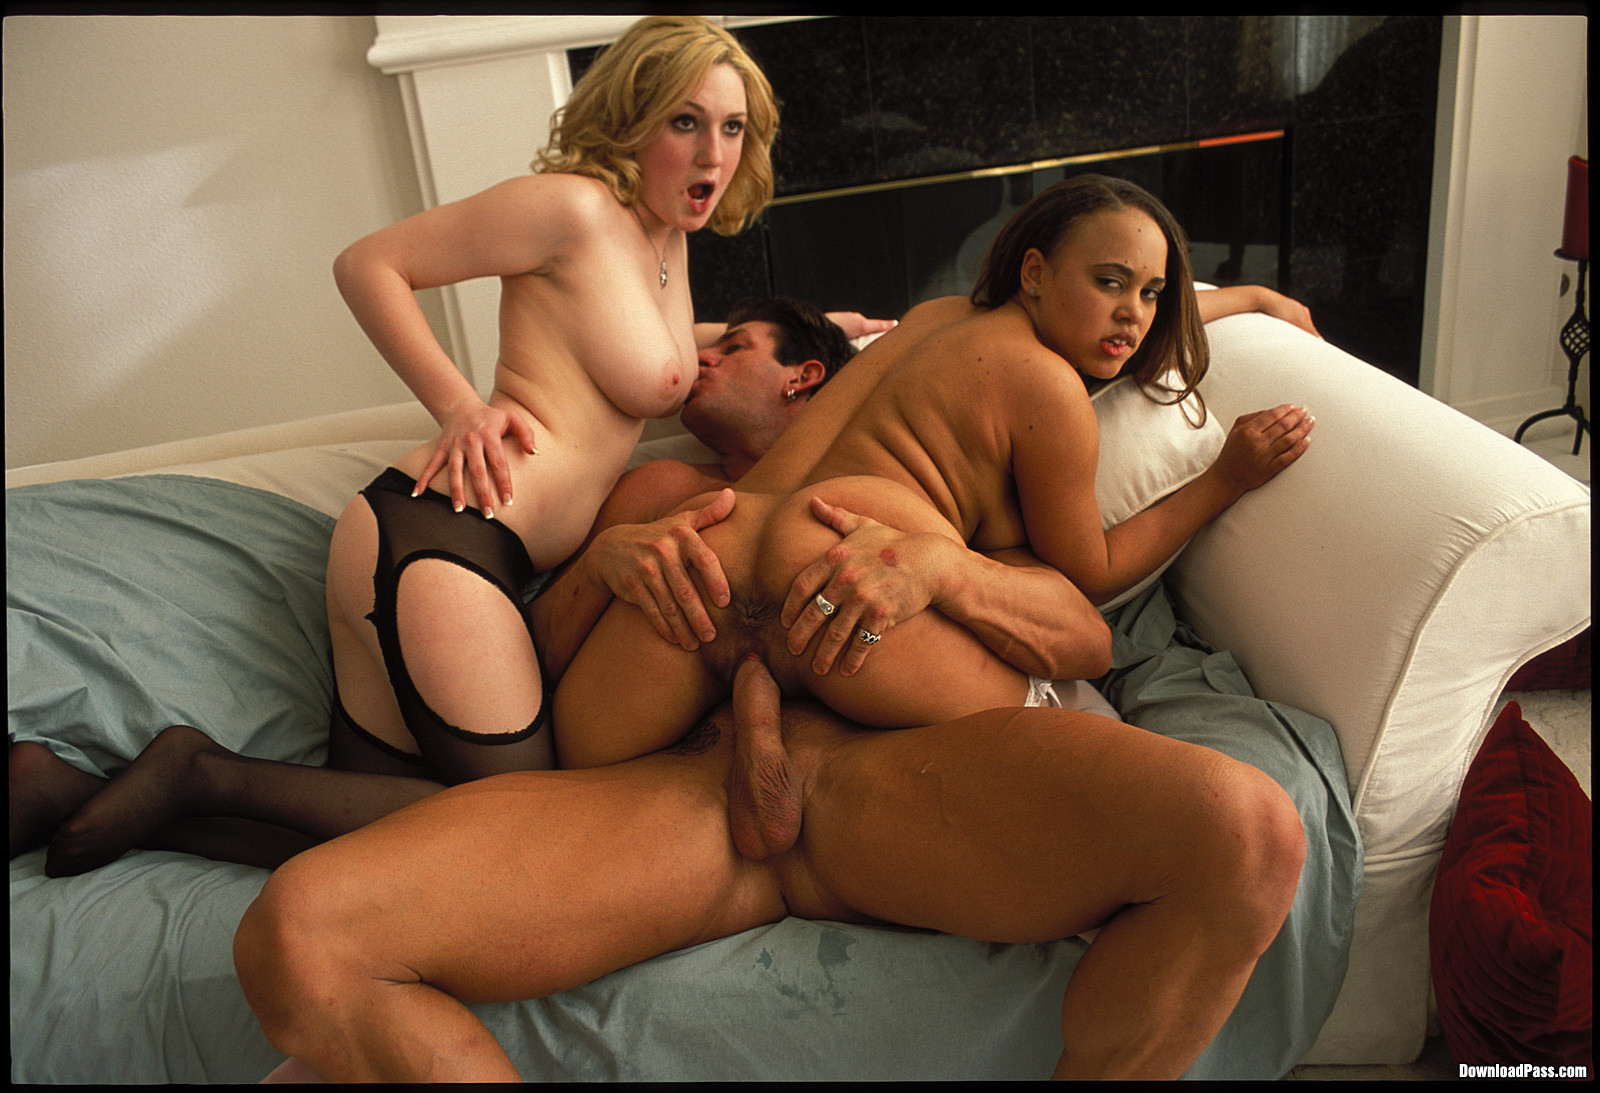 Огромный мужик трахает двух любительниц секса